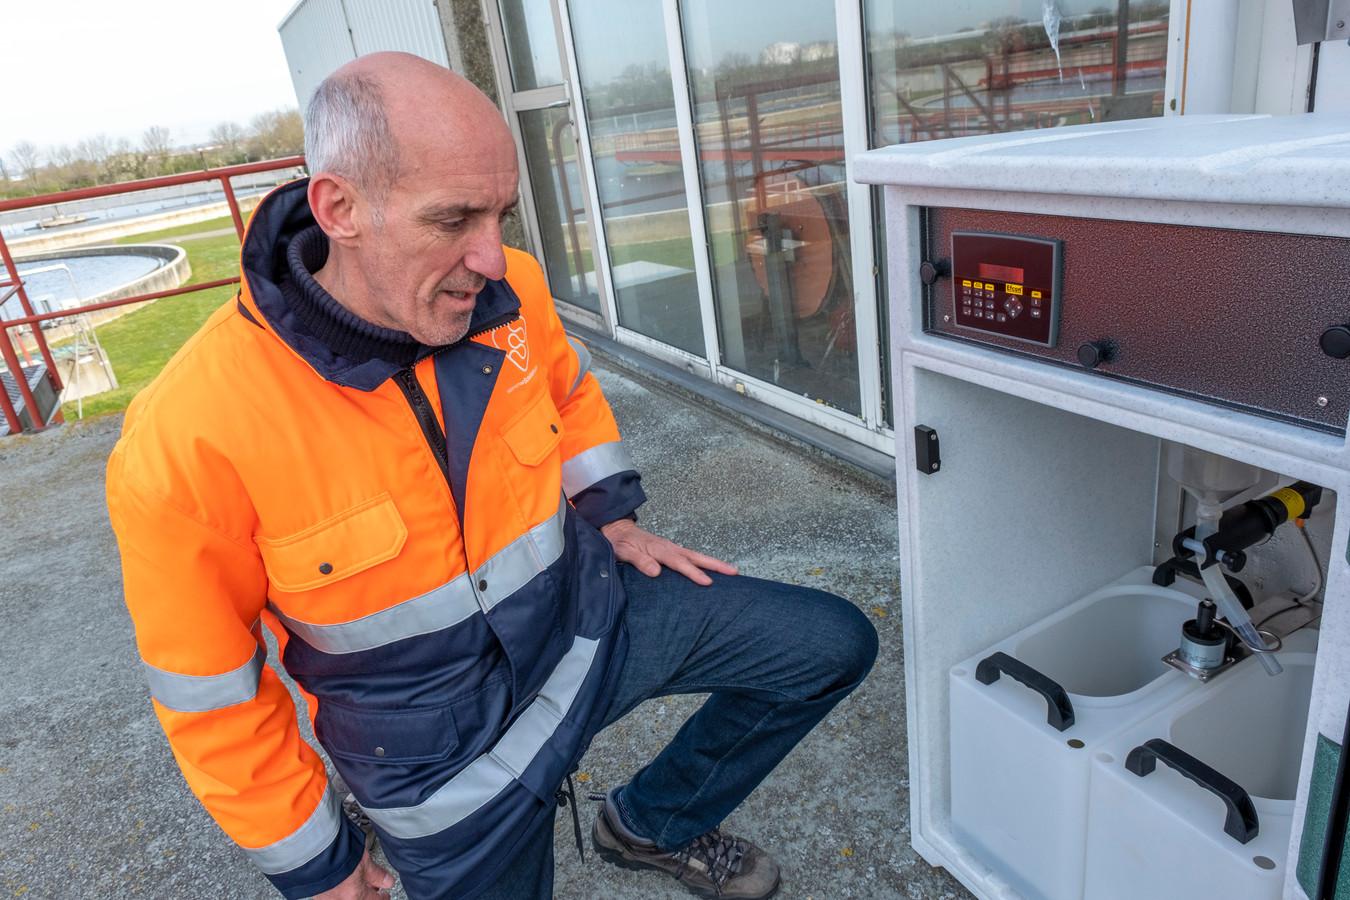 Marc Augustijn, innovatietechnoloog bij waterschap Scheldestromen, laat op de zuivering bij Ritthem zien hoe een bemonsteringskast werkt.